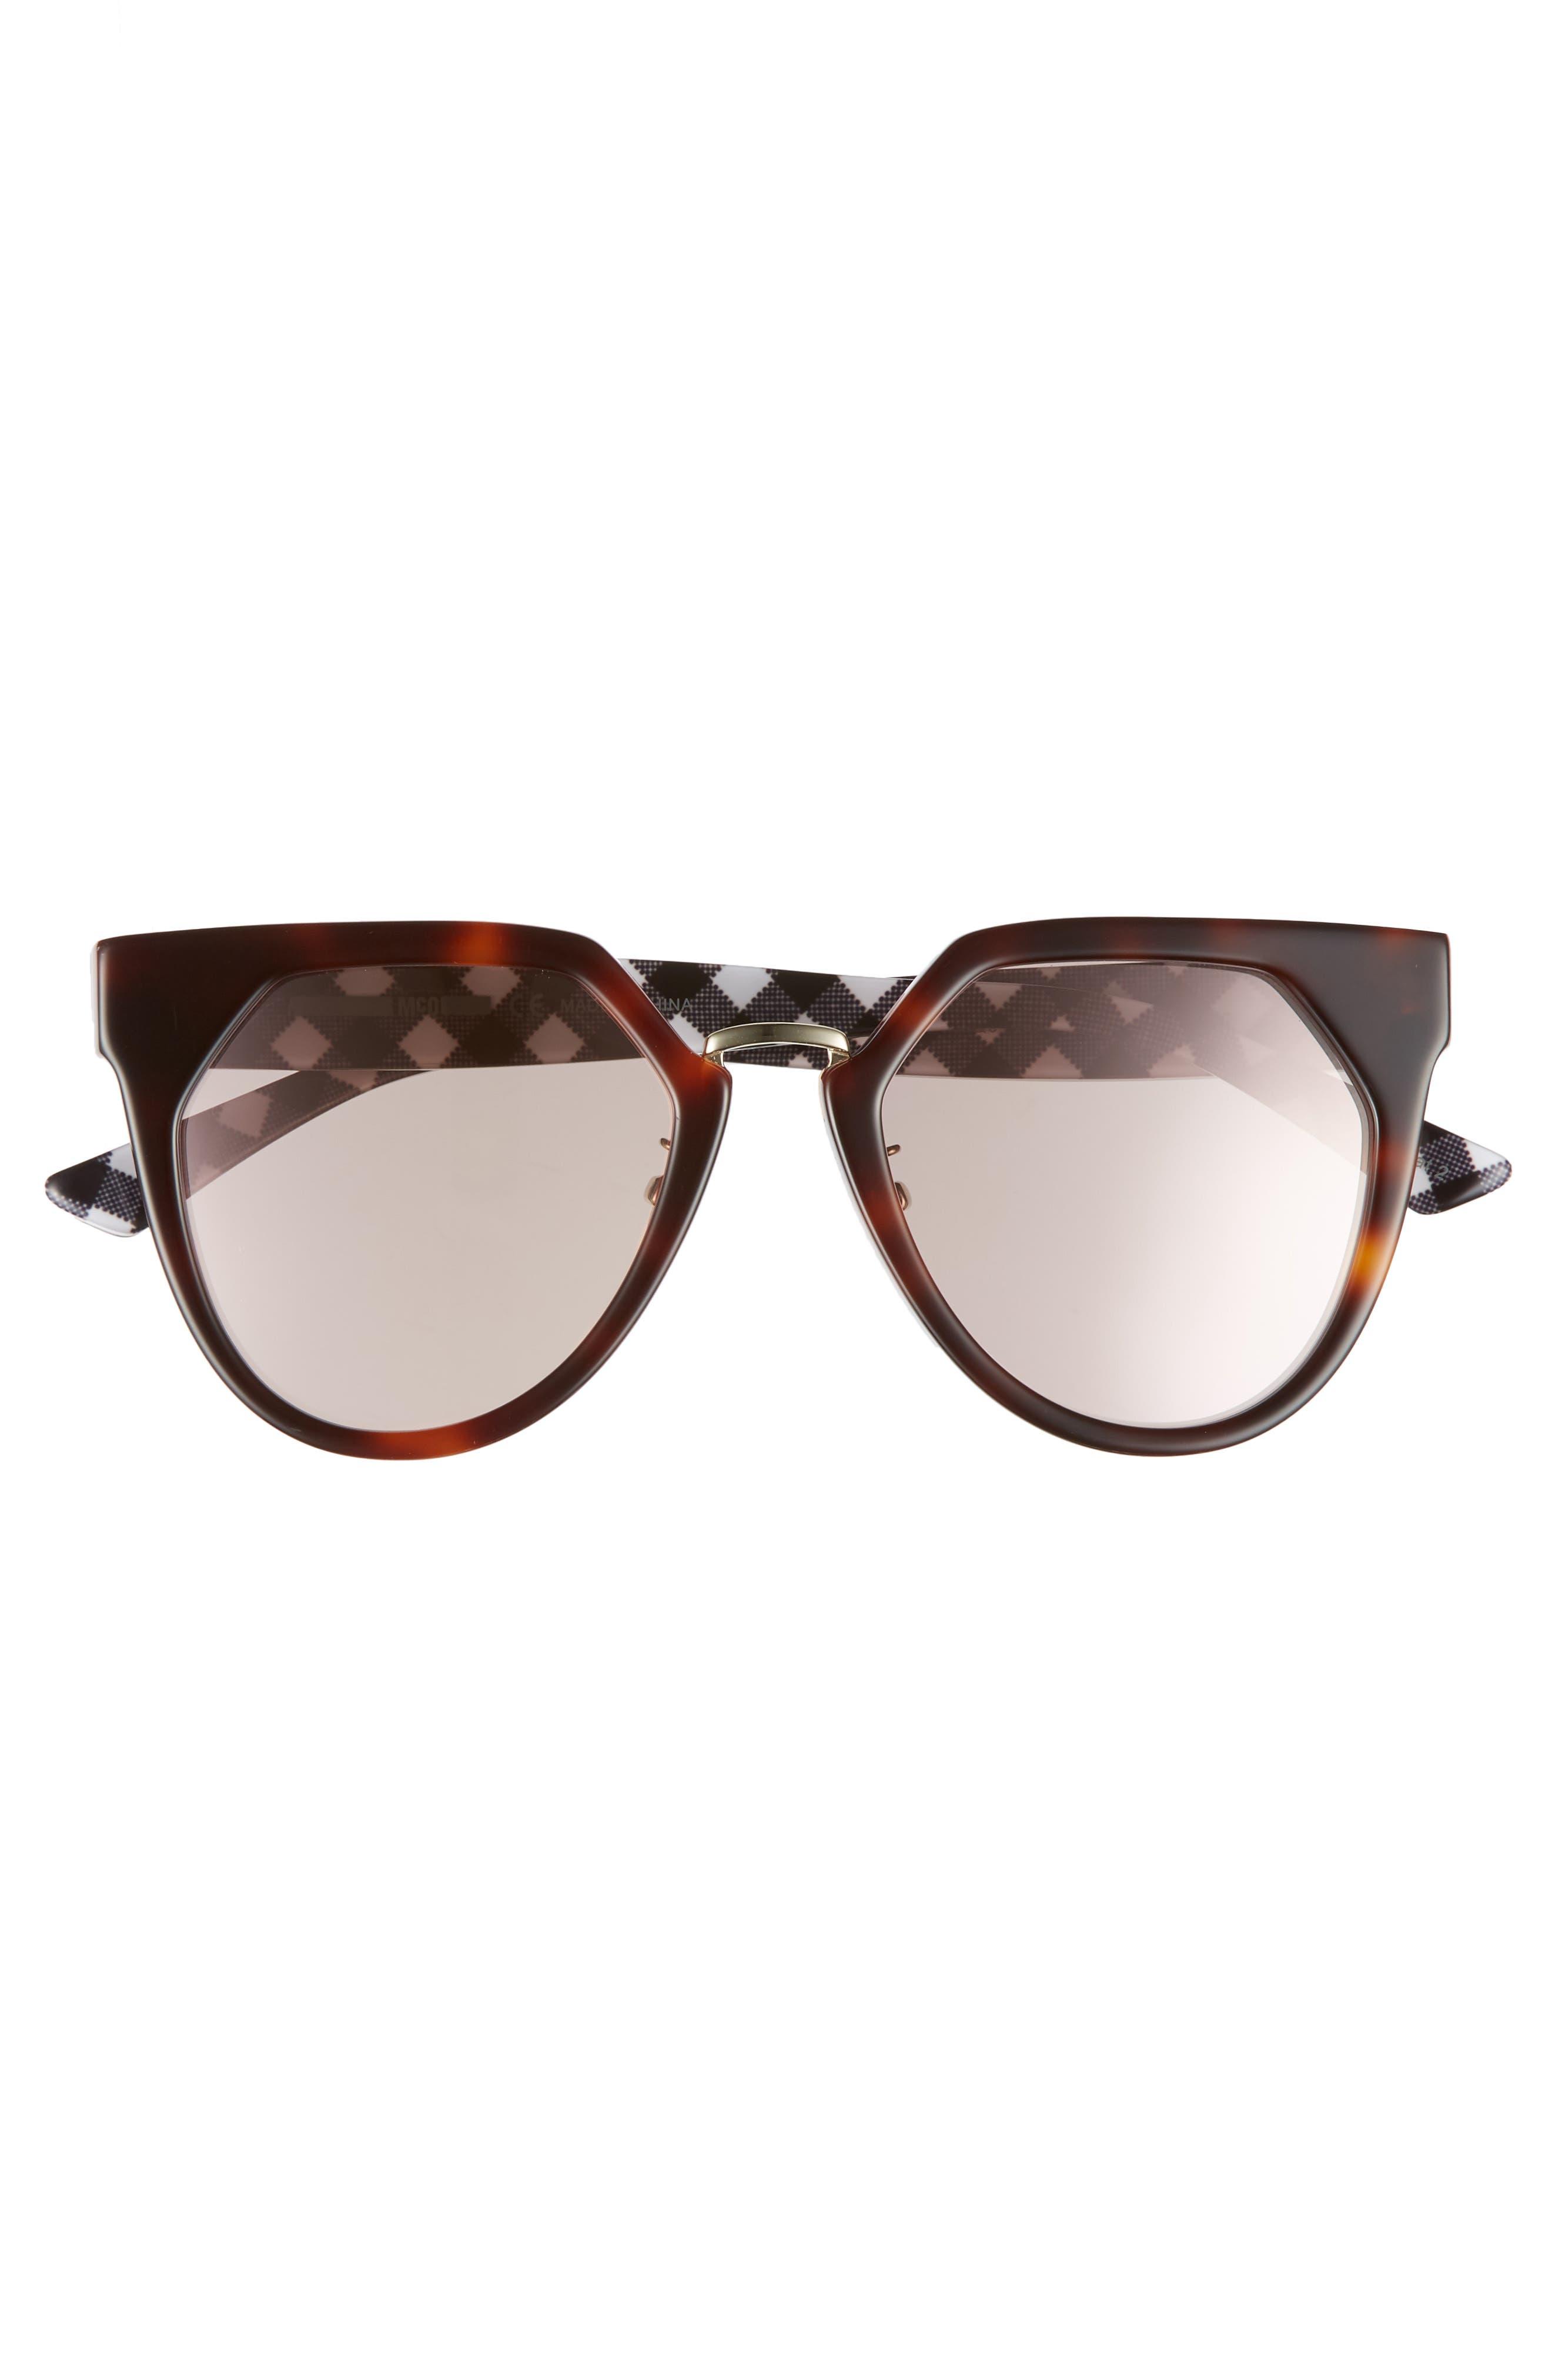 53mm Cat Eye Sunglasses,                             Alternate thumbnail 3, color,                             Havana